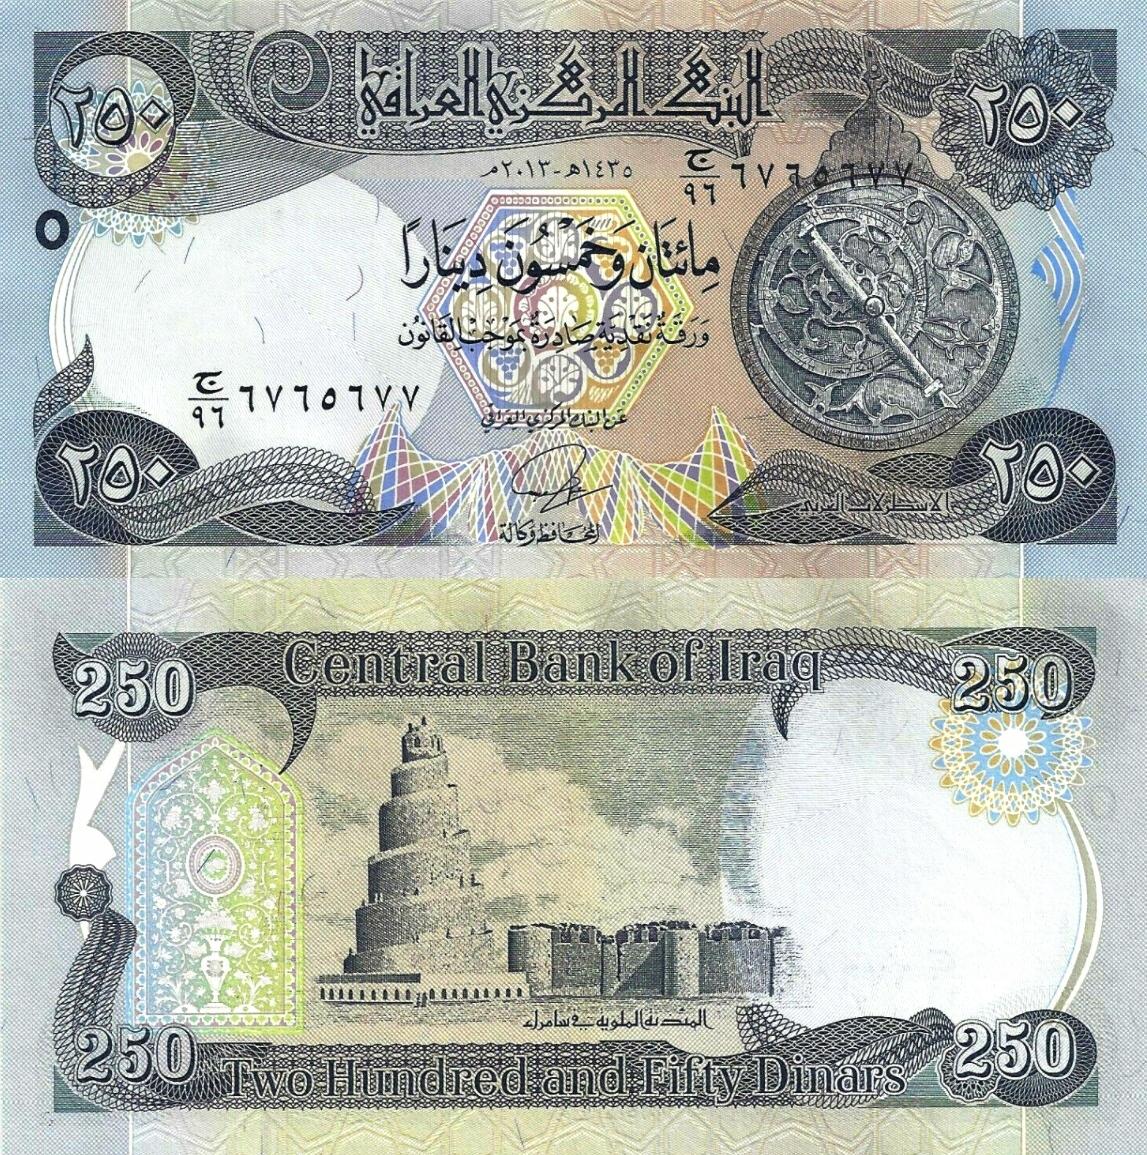 # IRAK - 250 DINARÓW - 2013 - P-97 - UNC